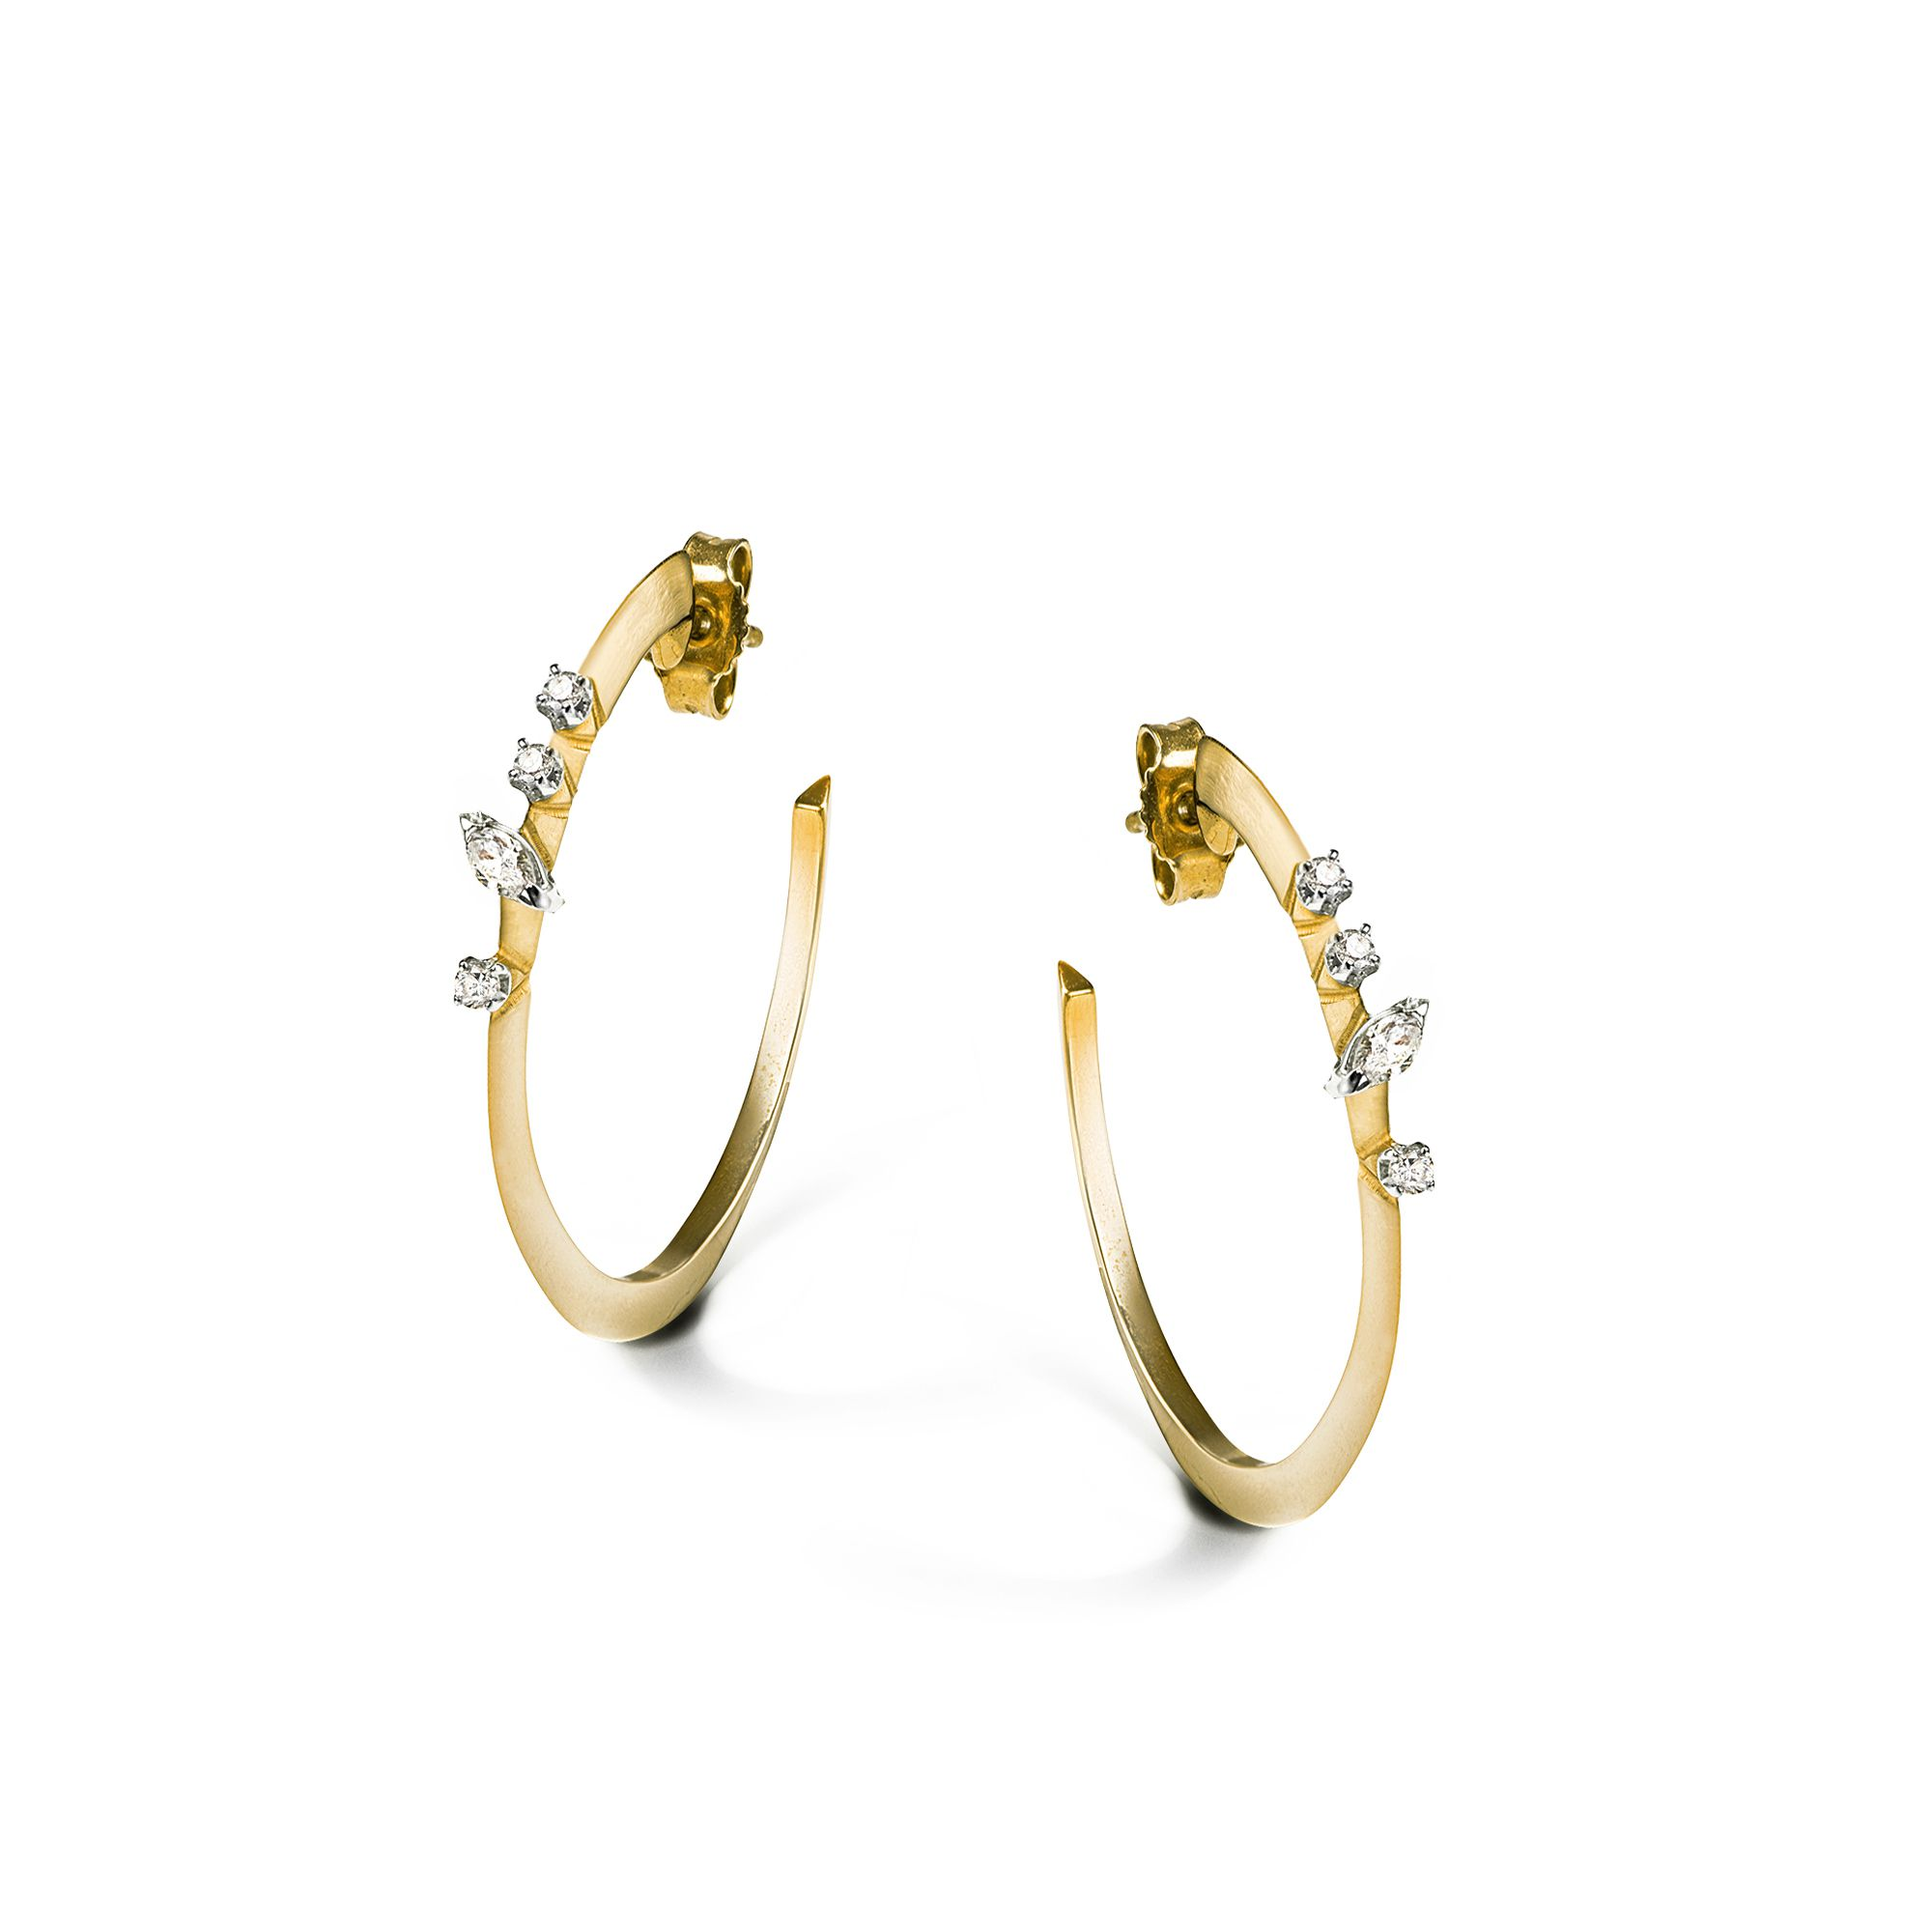 Yellow 'Balance' hoop earrings Yellow gold big hoop earrings with diamonds